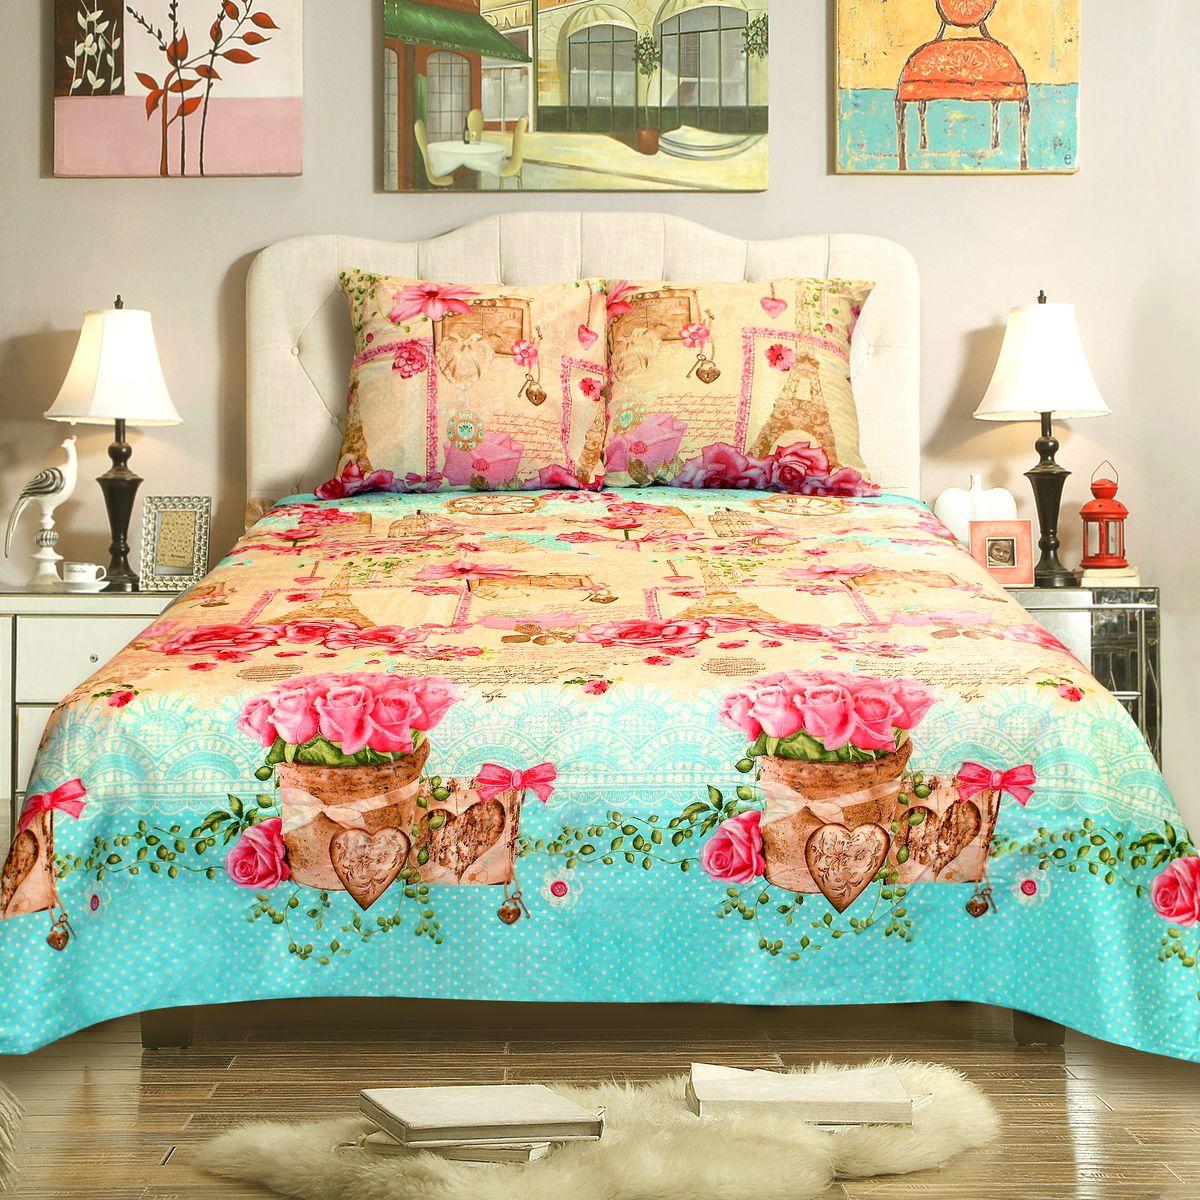 Комплект белья Amore Mio Paris, семейный, наволочки 70x70, цвет: зеленый, розовый, молочный78438Комплект постельного белья Amore Mio выполнен из бязи - 100% хлопка. Комплект состоит из двух пододеяльников, простыни и двух наволочек. Постельное белье, оформленное оригинальным принтом, имеет изысканный внешний вид и яркую цветовую гамму. Наволочки застегиваются на клапаны.Постельное белье из бязи практично и долговечно. Материал великолепно отводит влагу, отлично пропускает воздух, не капризен в уходе, легко стирается и гладится. Благодаря такому комплекту постельного белья вы сможете создать атмосферу роскоши и романтики в вашей спальне.